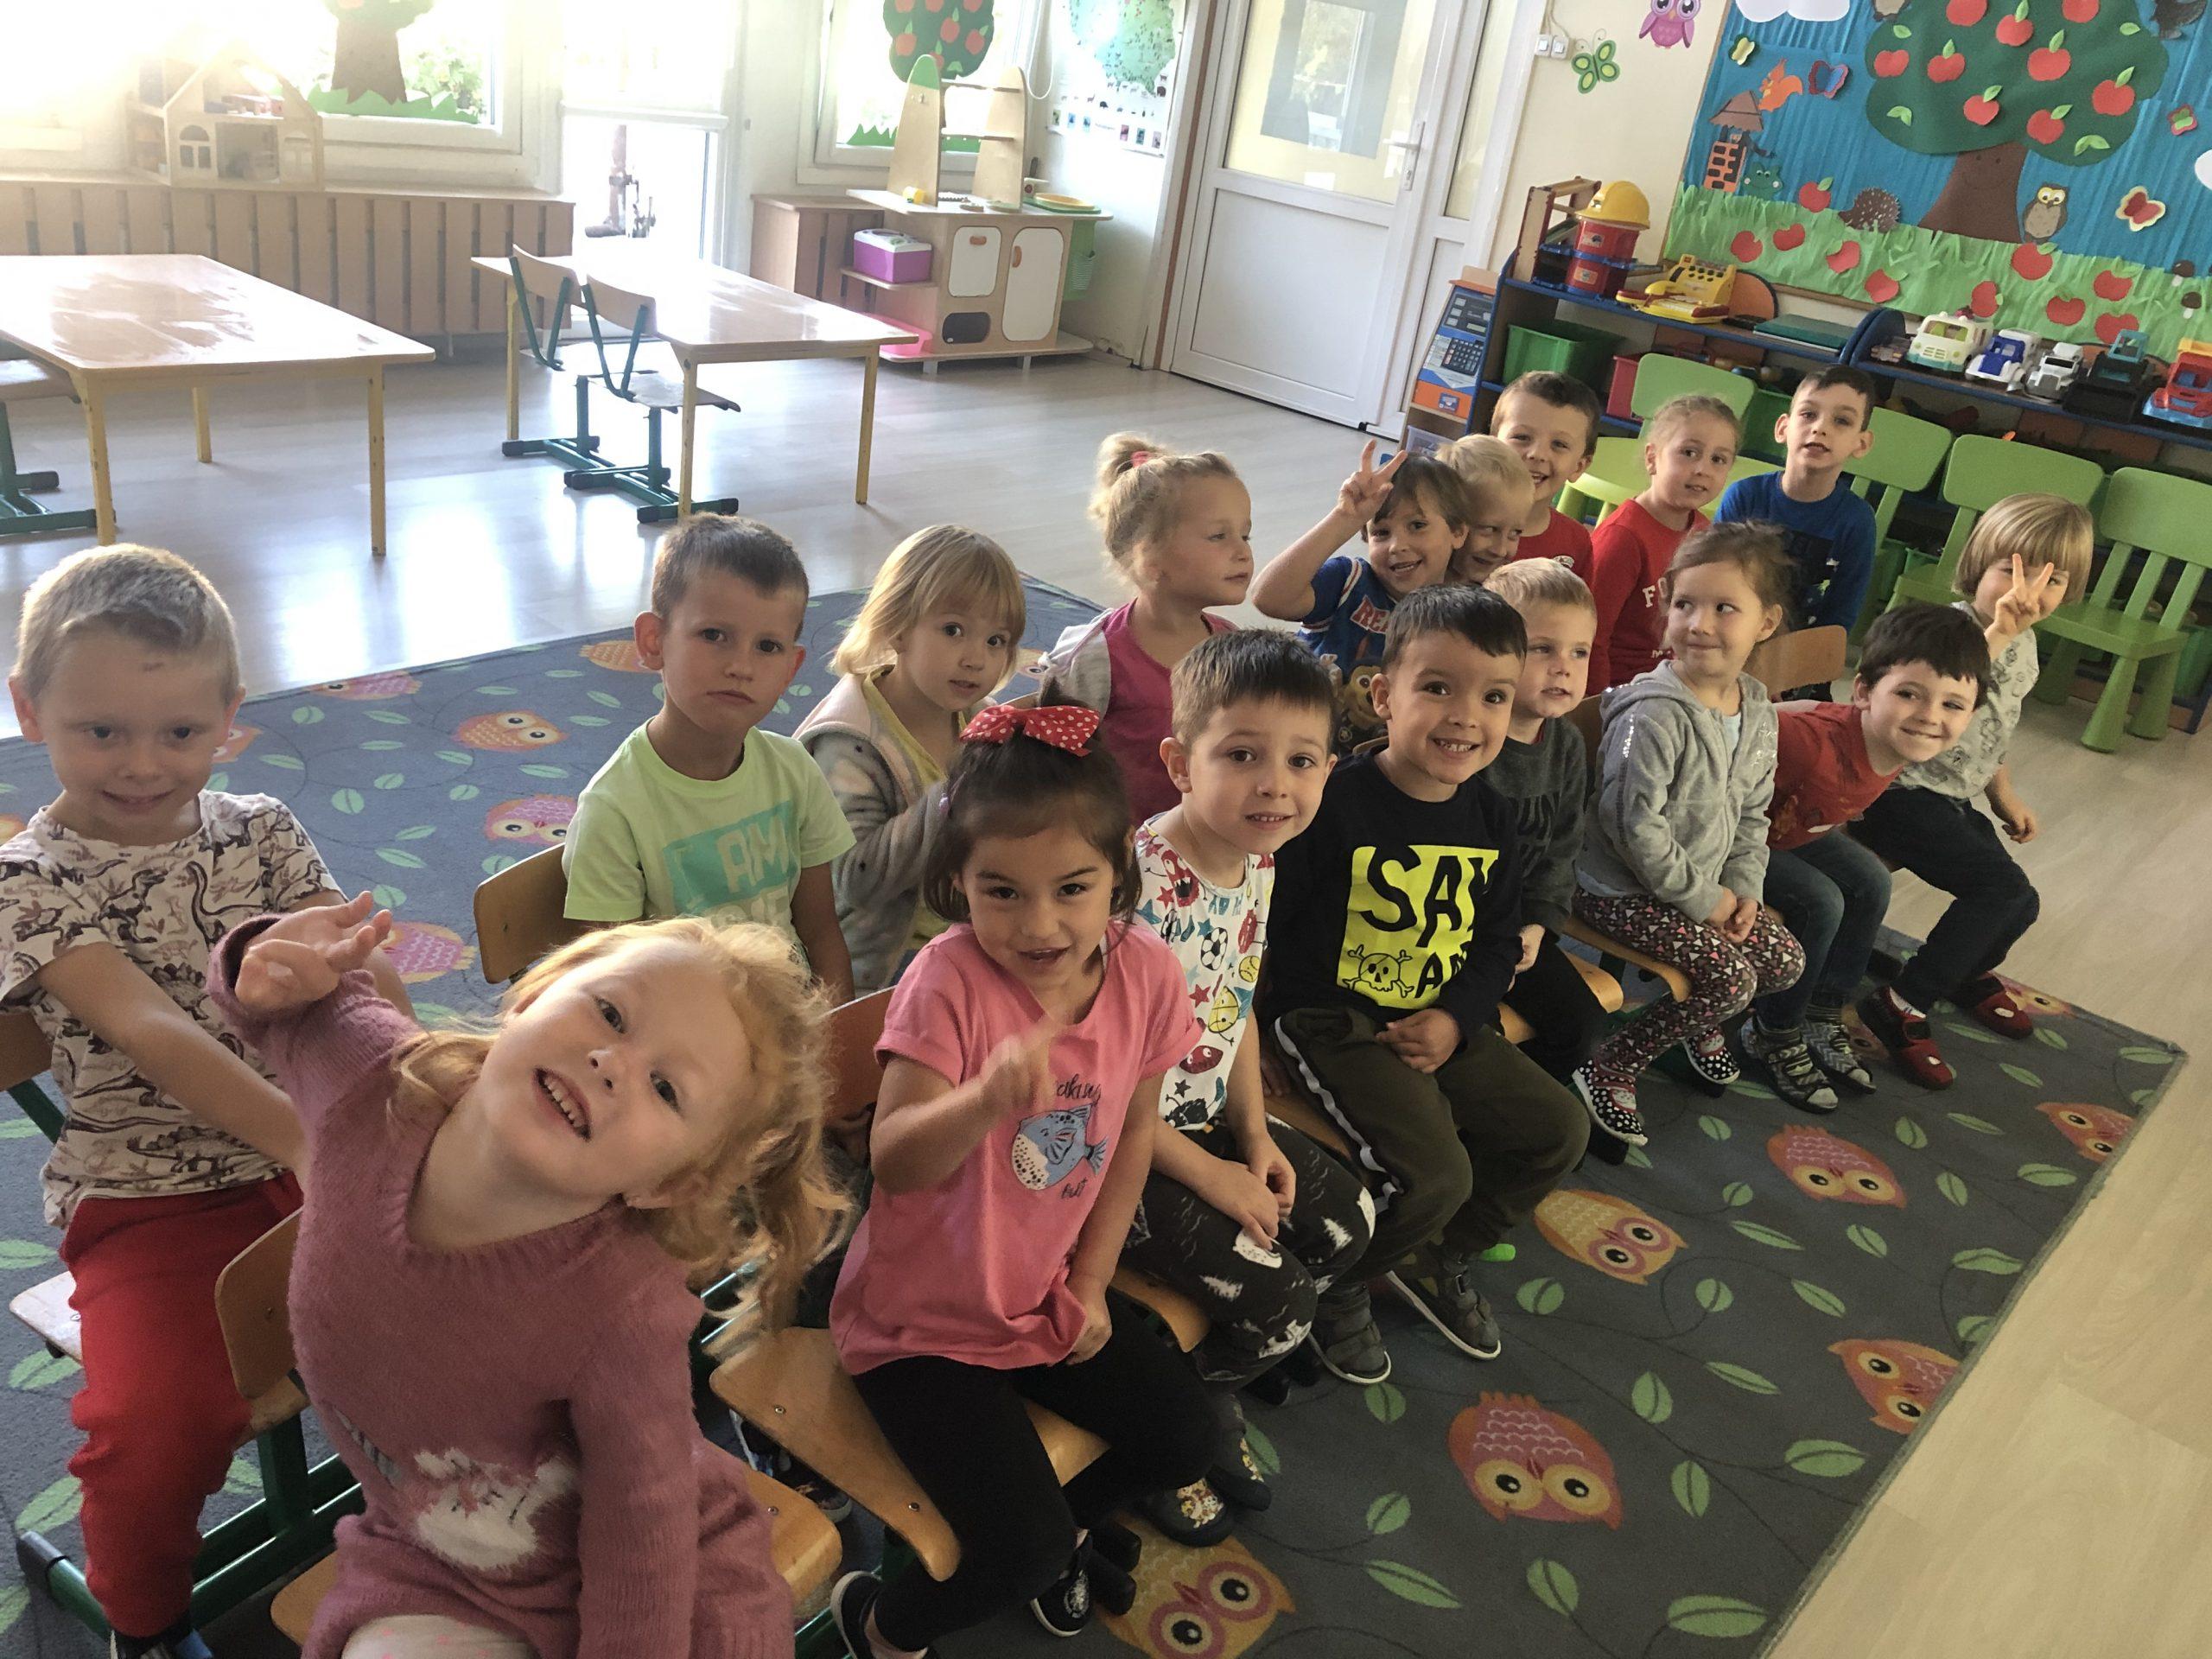 Grupa dzieci siedzaca na krzesłach w dwóch rzędach